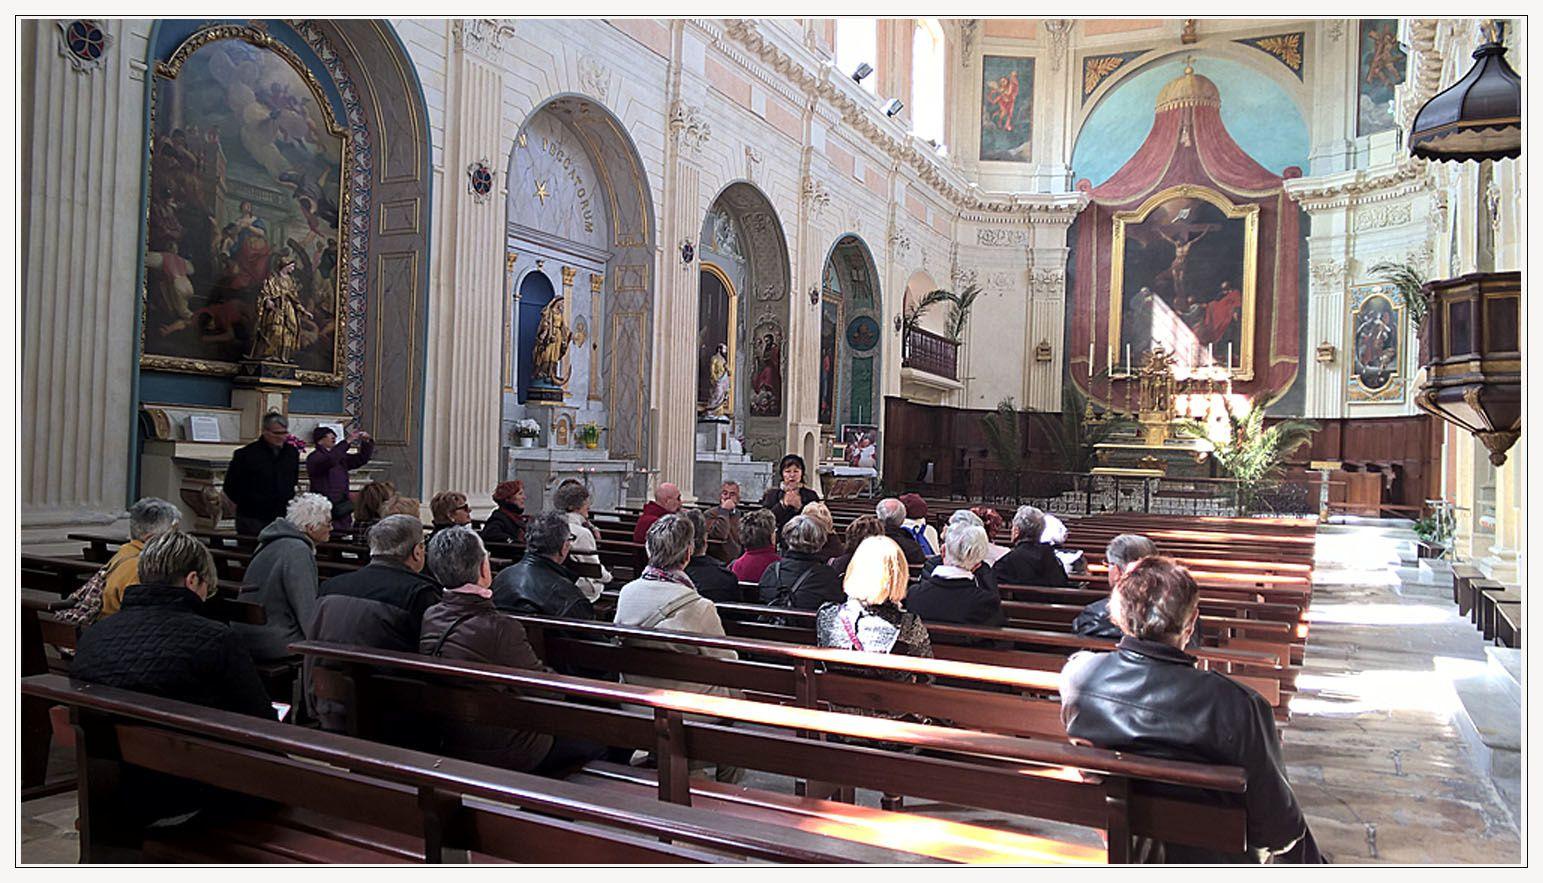 Les deux premières photos :L'ILE  aussi connue sous le nom de miroir aux oiseaux et  Notre groupe à l'intérieur de l'église la Madeleine du 17 ème siècle.